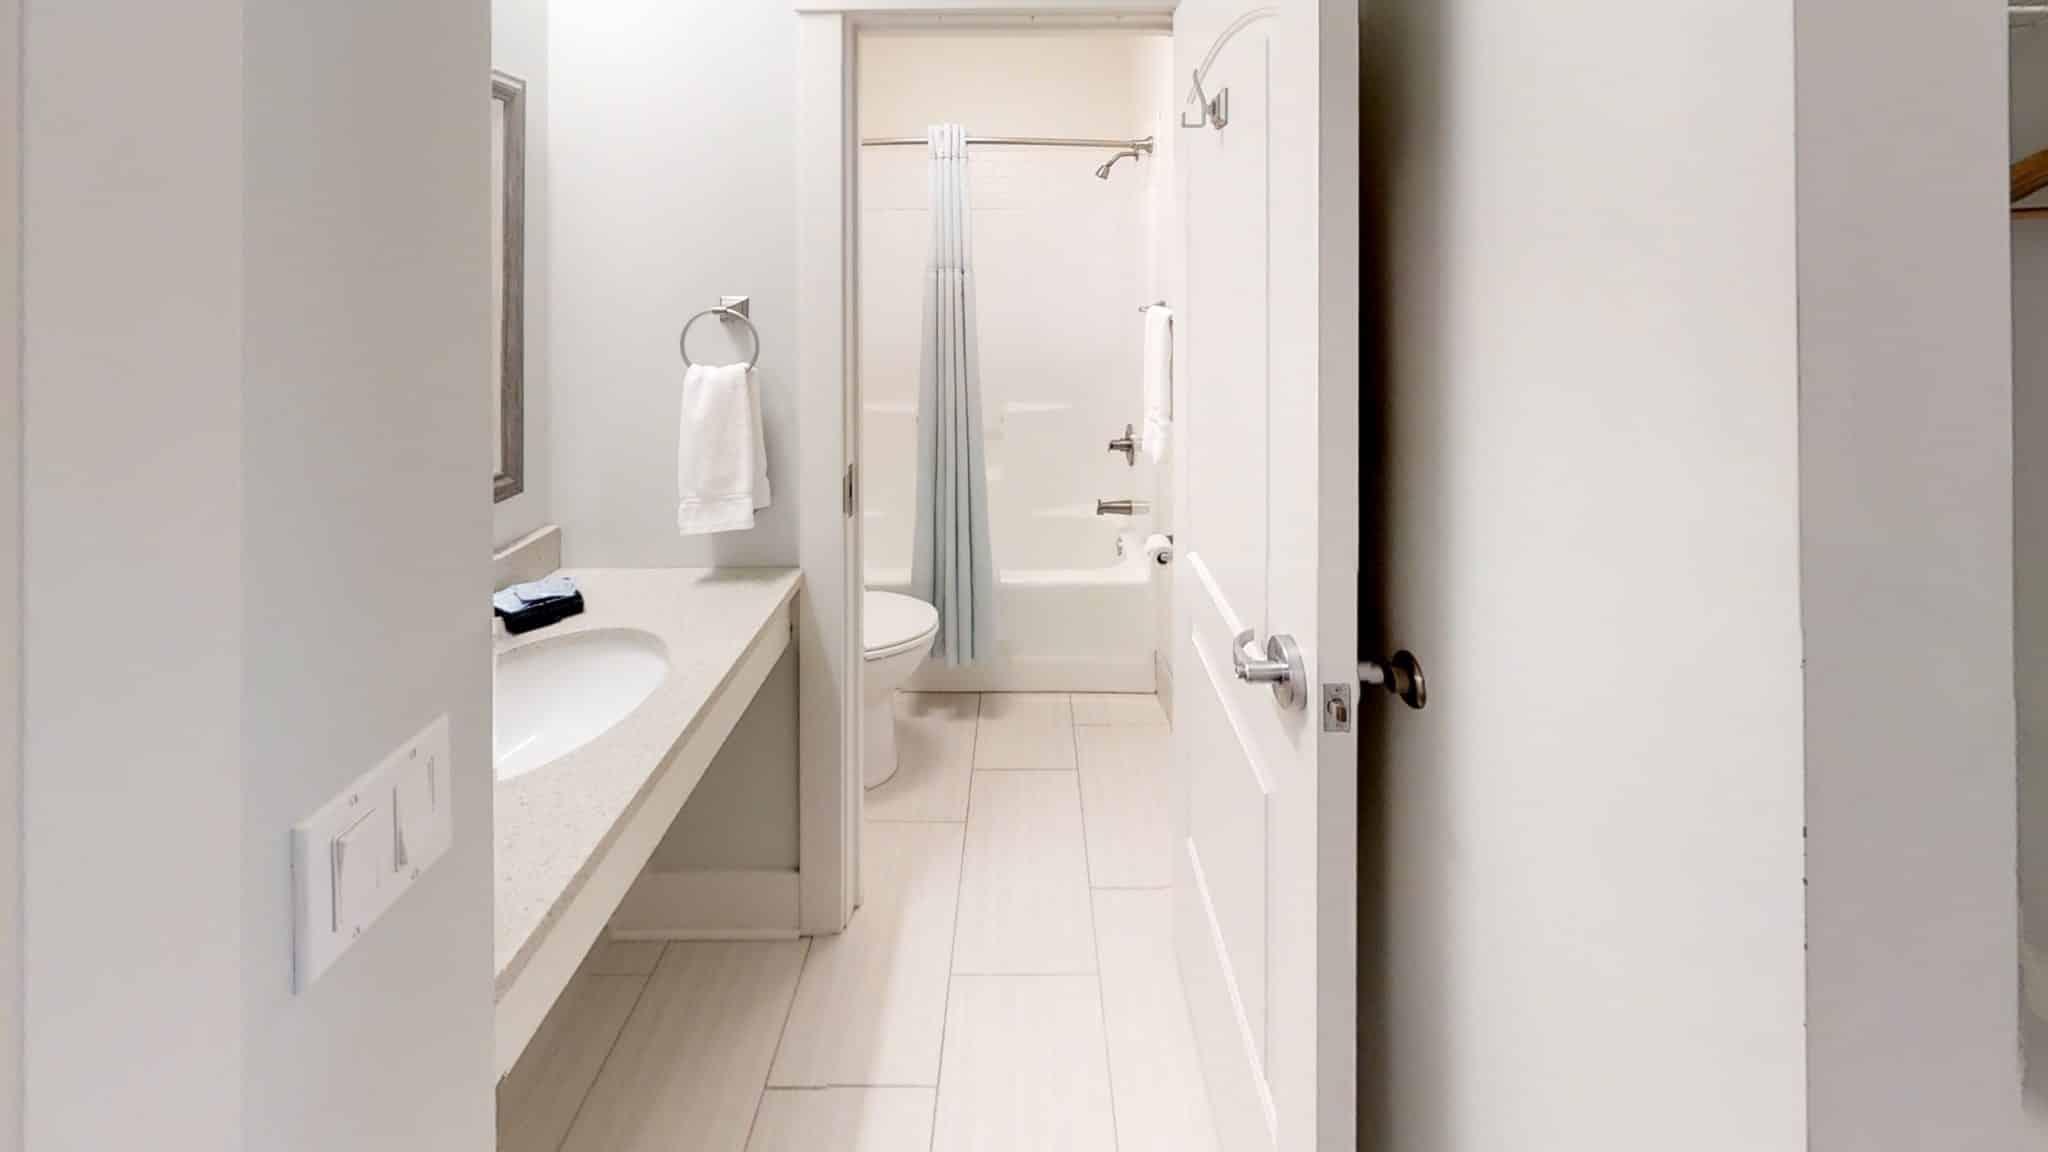 211 bathroom